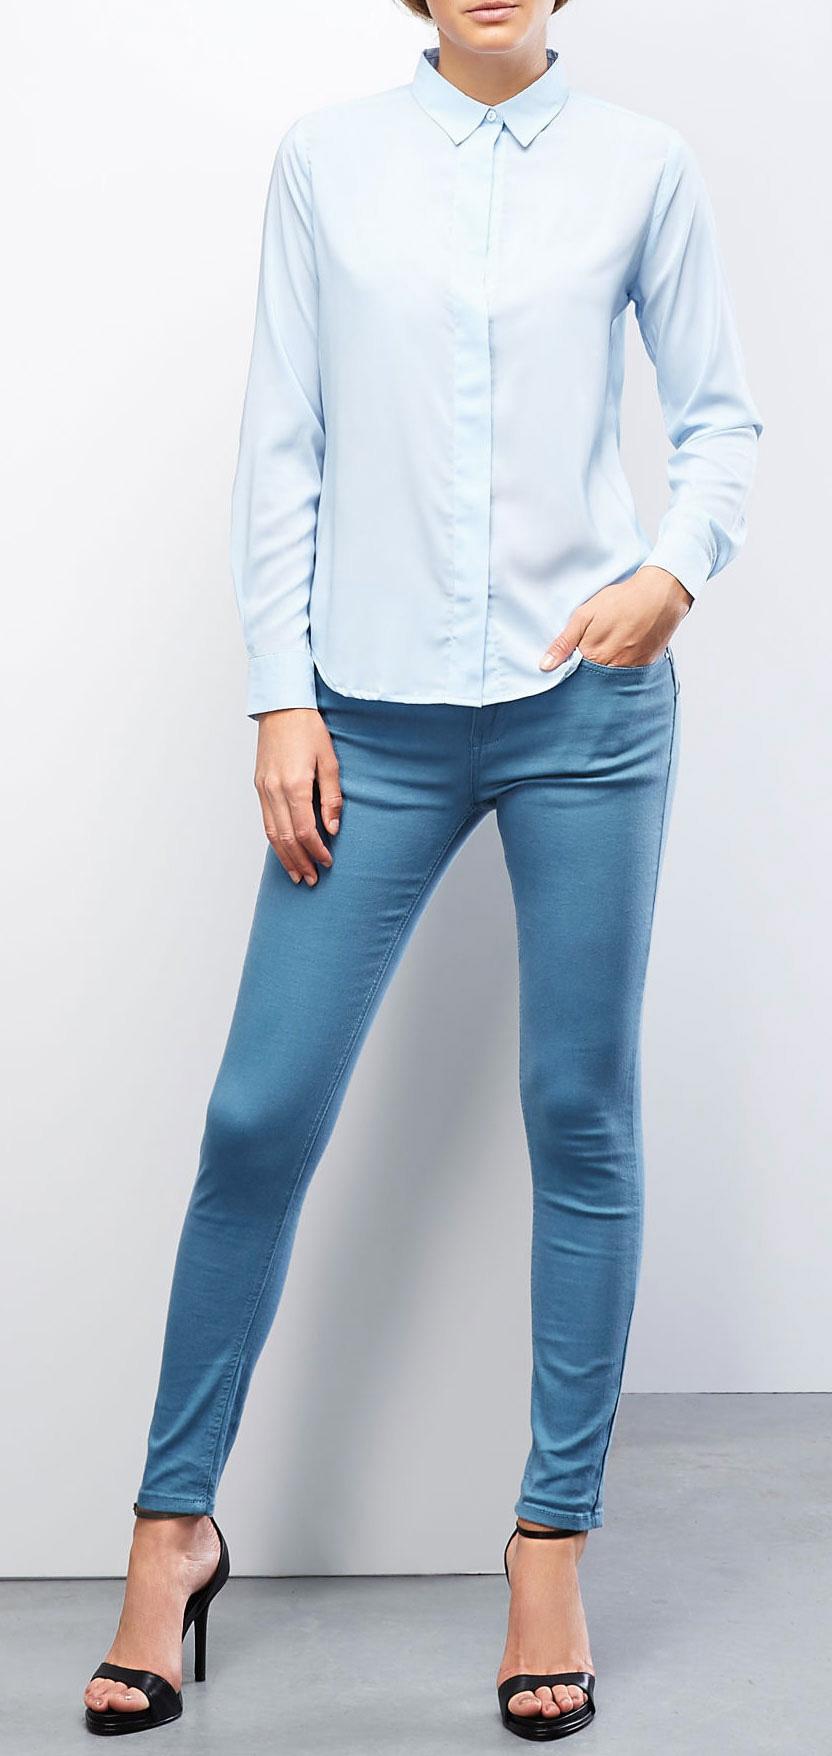 Блузка Moodo, цвет: голубой. Z-KO-1820. Размер S (44)Z-KO-1820_L.BLUEБлузка Moodo, выполненная из полиэстера, отлично подойдет для повседневной носки. Материал очень легкий, мягкий и приятный на ощупь, не сковывает движения и хорошо вентилируется. Блузка слегка приталенного кроя с длинными рукавами и отложным воротником застегивается спереди на пуговицы, скрытые внешней планкой. Спинка изделия удлинена. Манжеты рукавов также застегиваются на пуговицы. Такая модель будет дарить вам комфорт в течение всего дня и станет стильным дополнением к вашему гардеробу